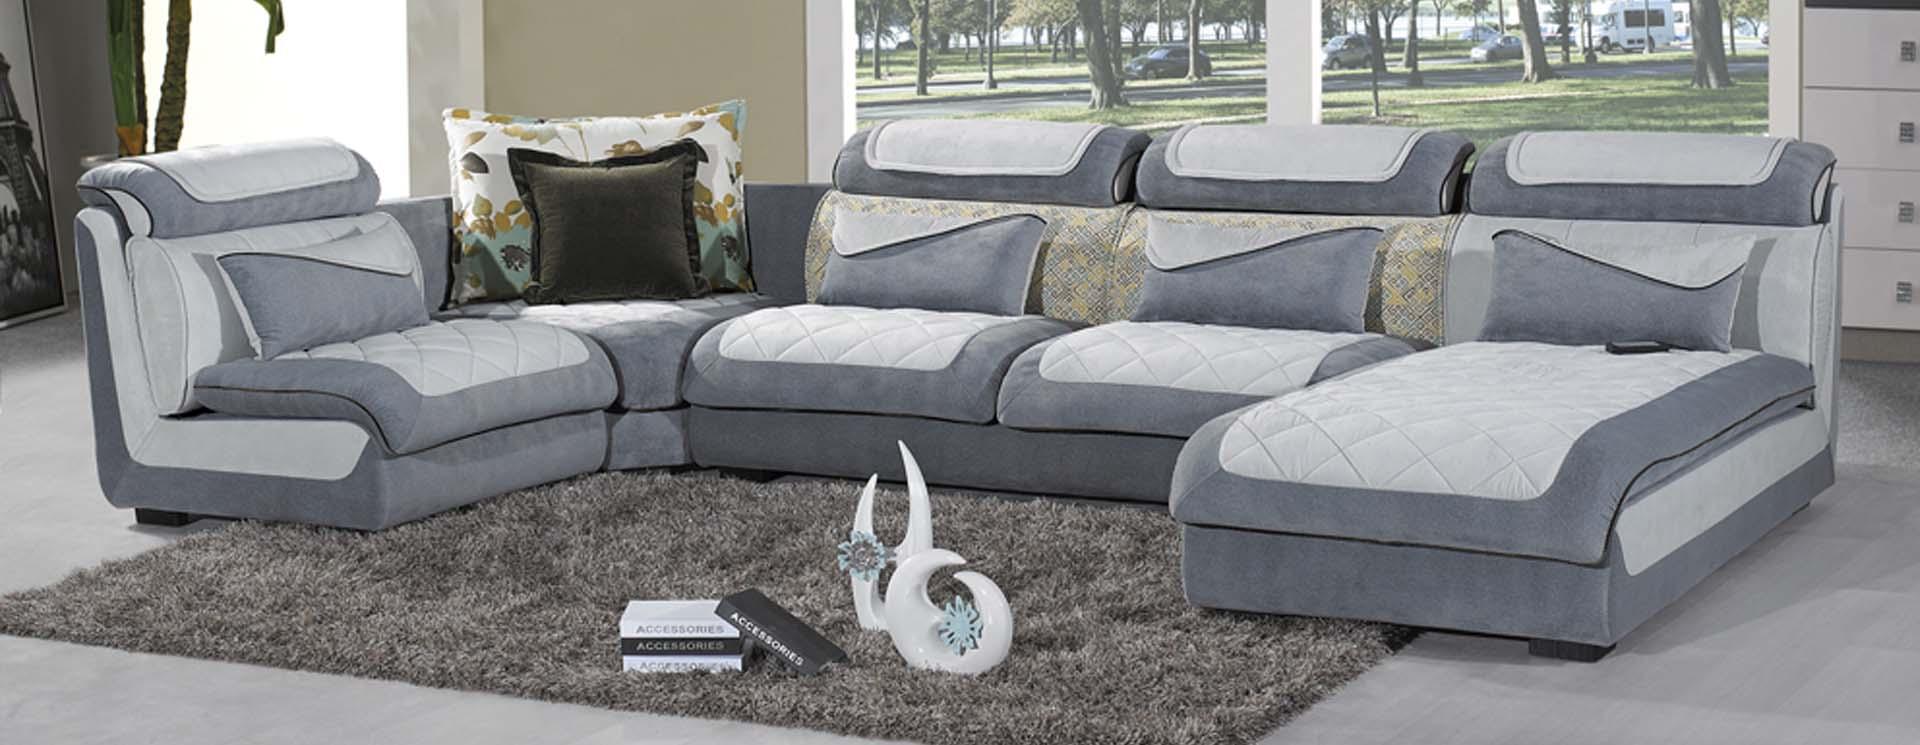 名称:沙发E-693A#<br/> 市场价:<font style='color:#999;text-decoration:line-through;'>¥0</font><br />全国统一零售价:<font color='Red'>¥0.0</font>